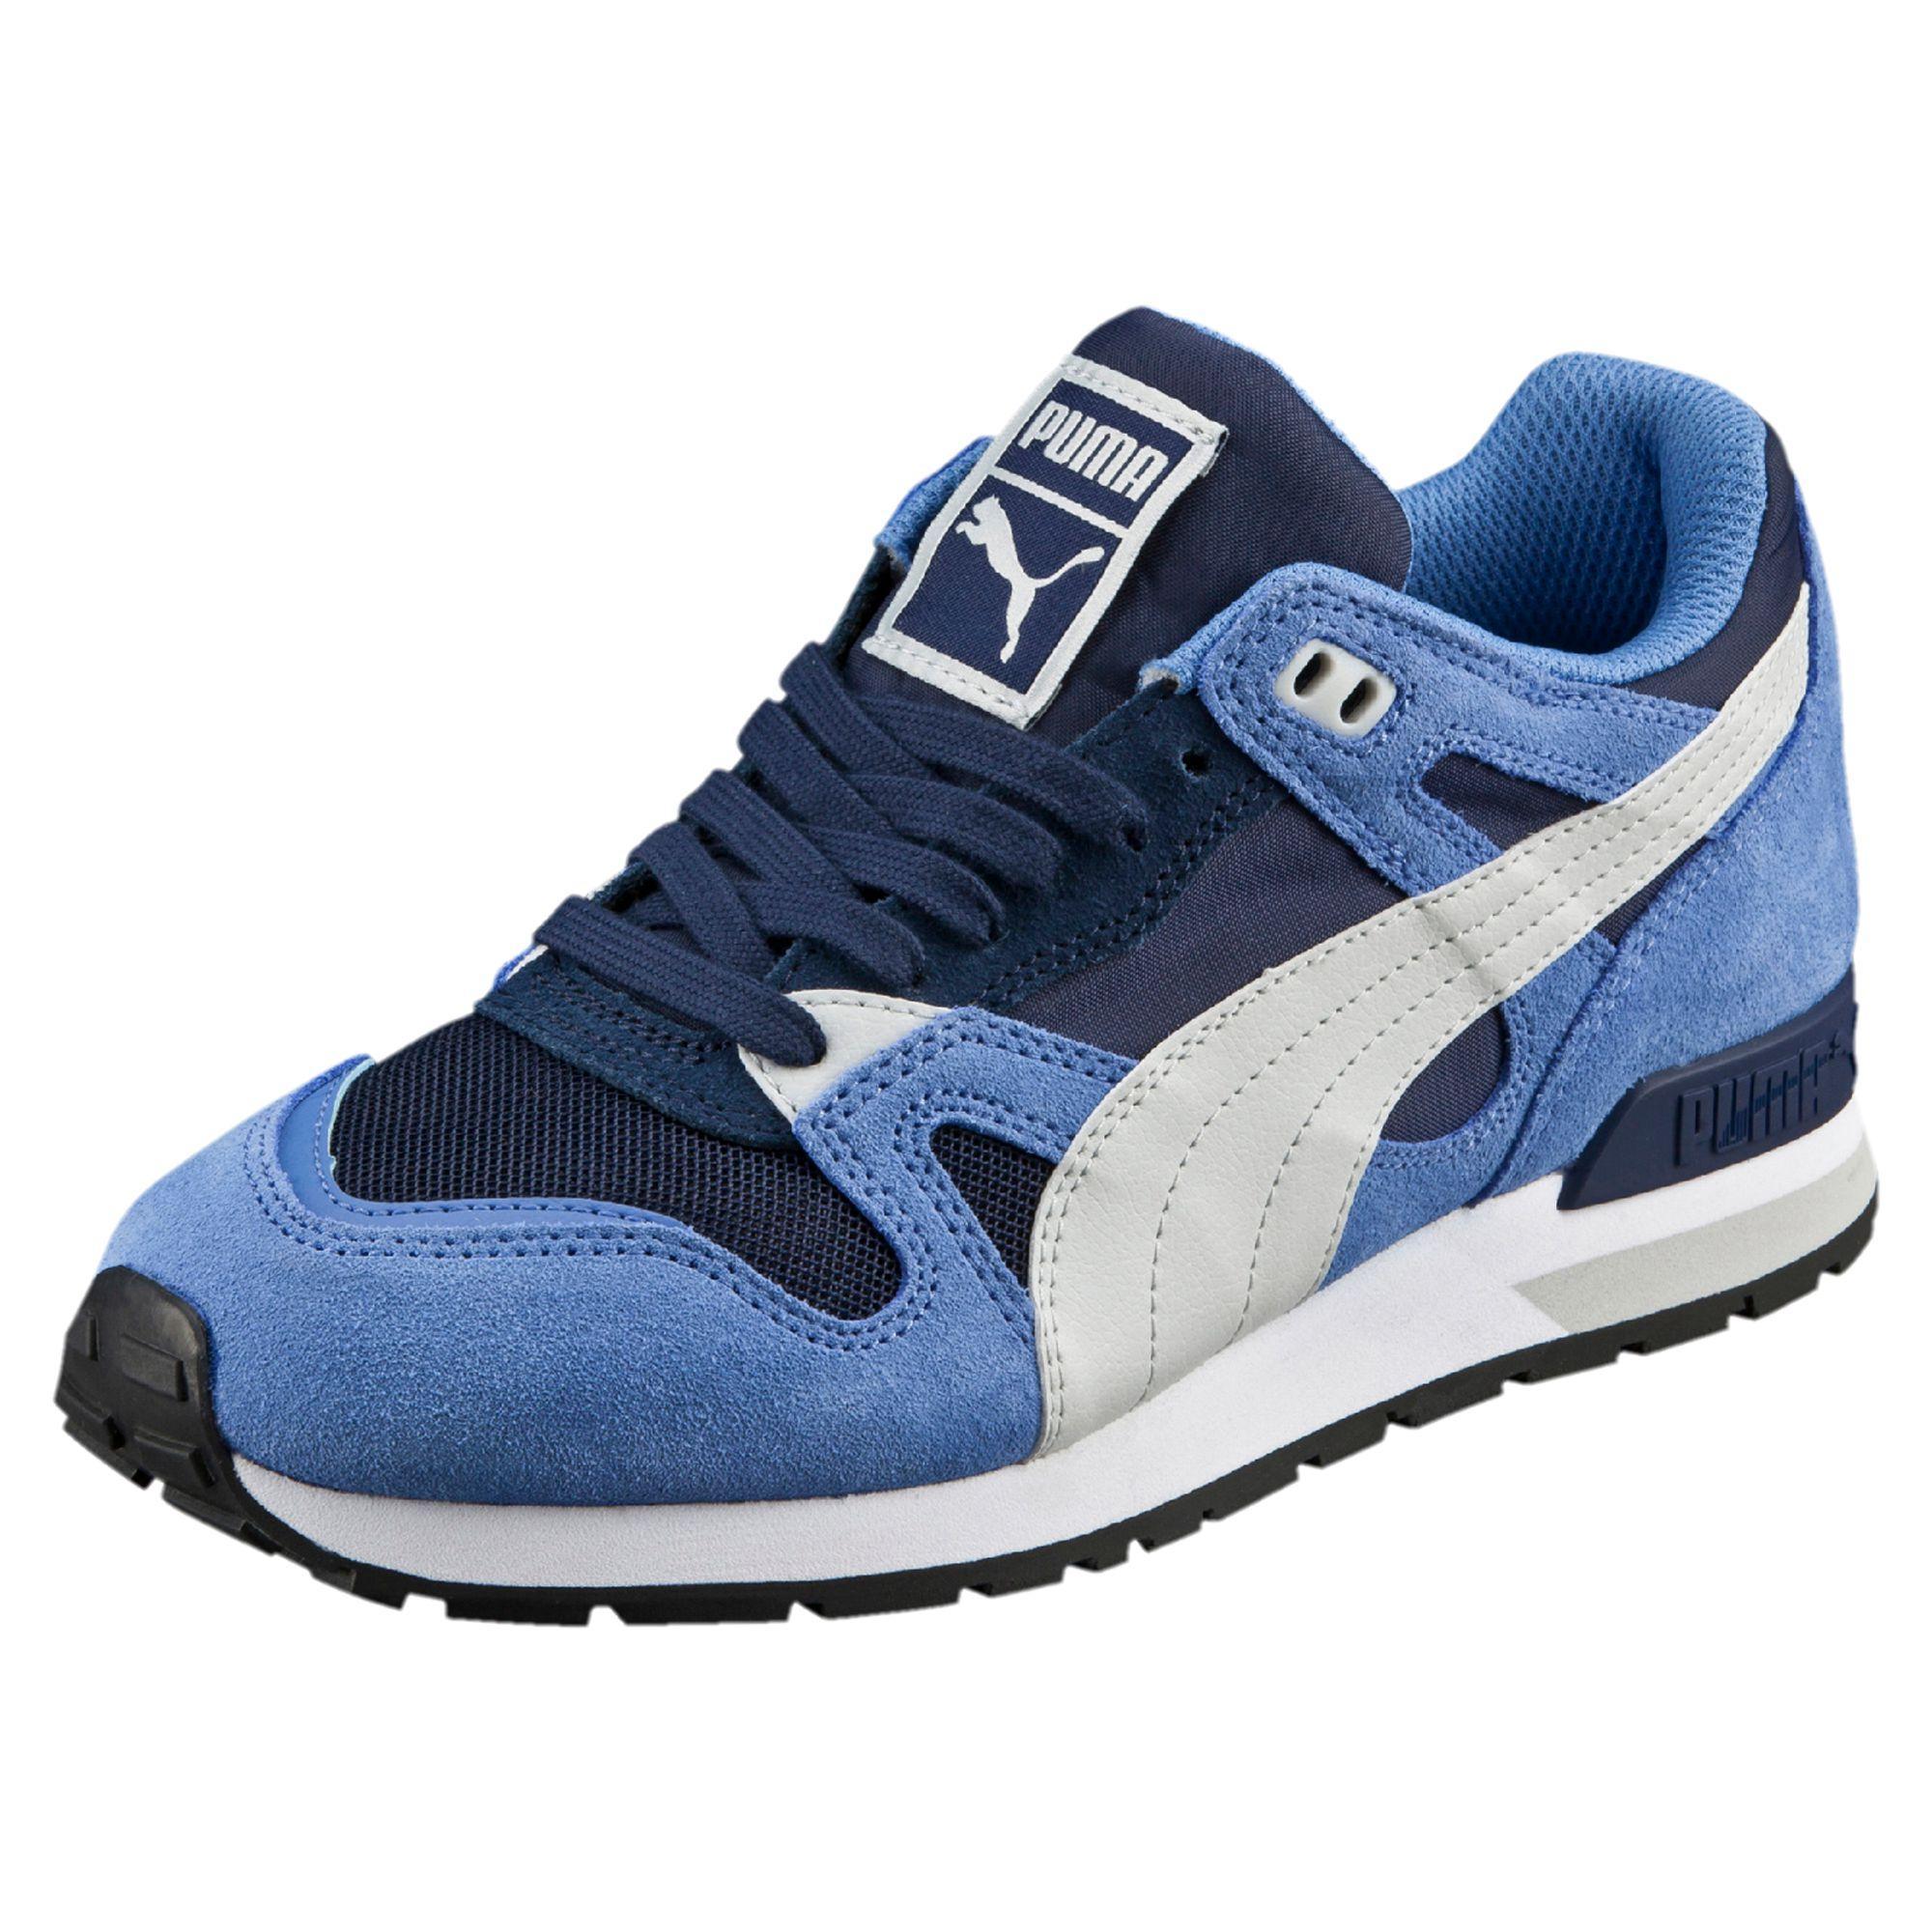 415503019a4 Lyst - Puma Duplex Classic Women s Sneakers in Blue